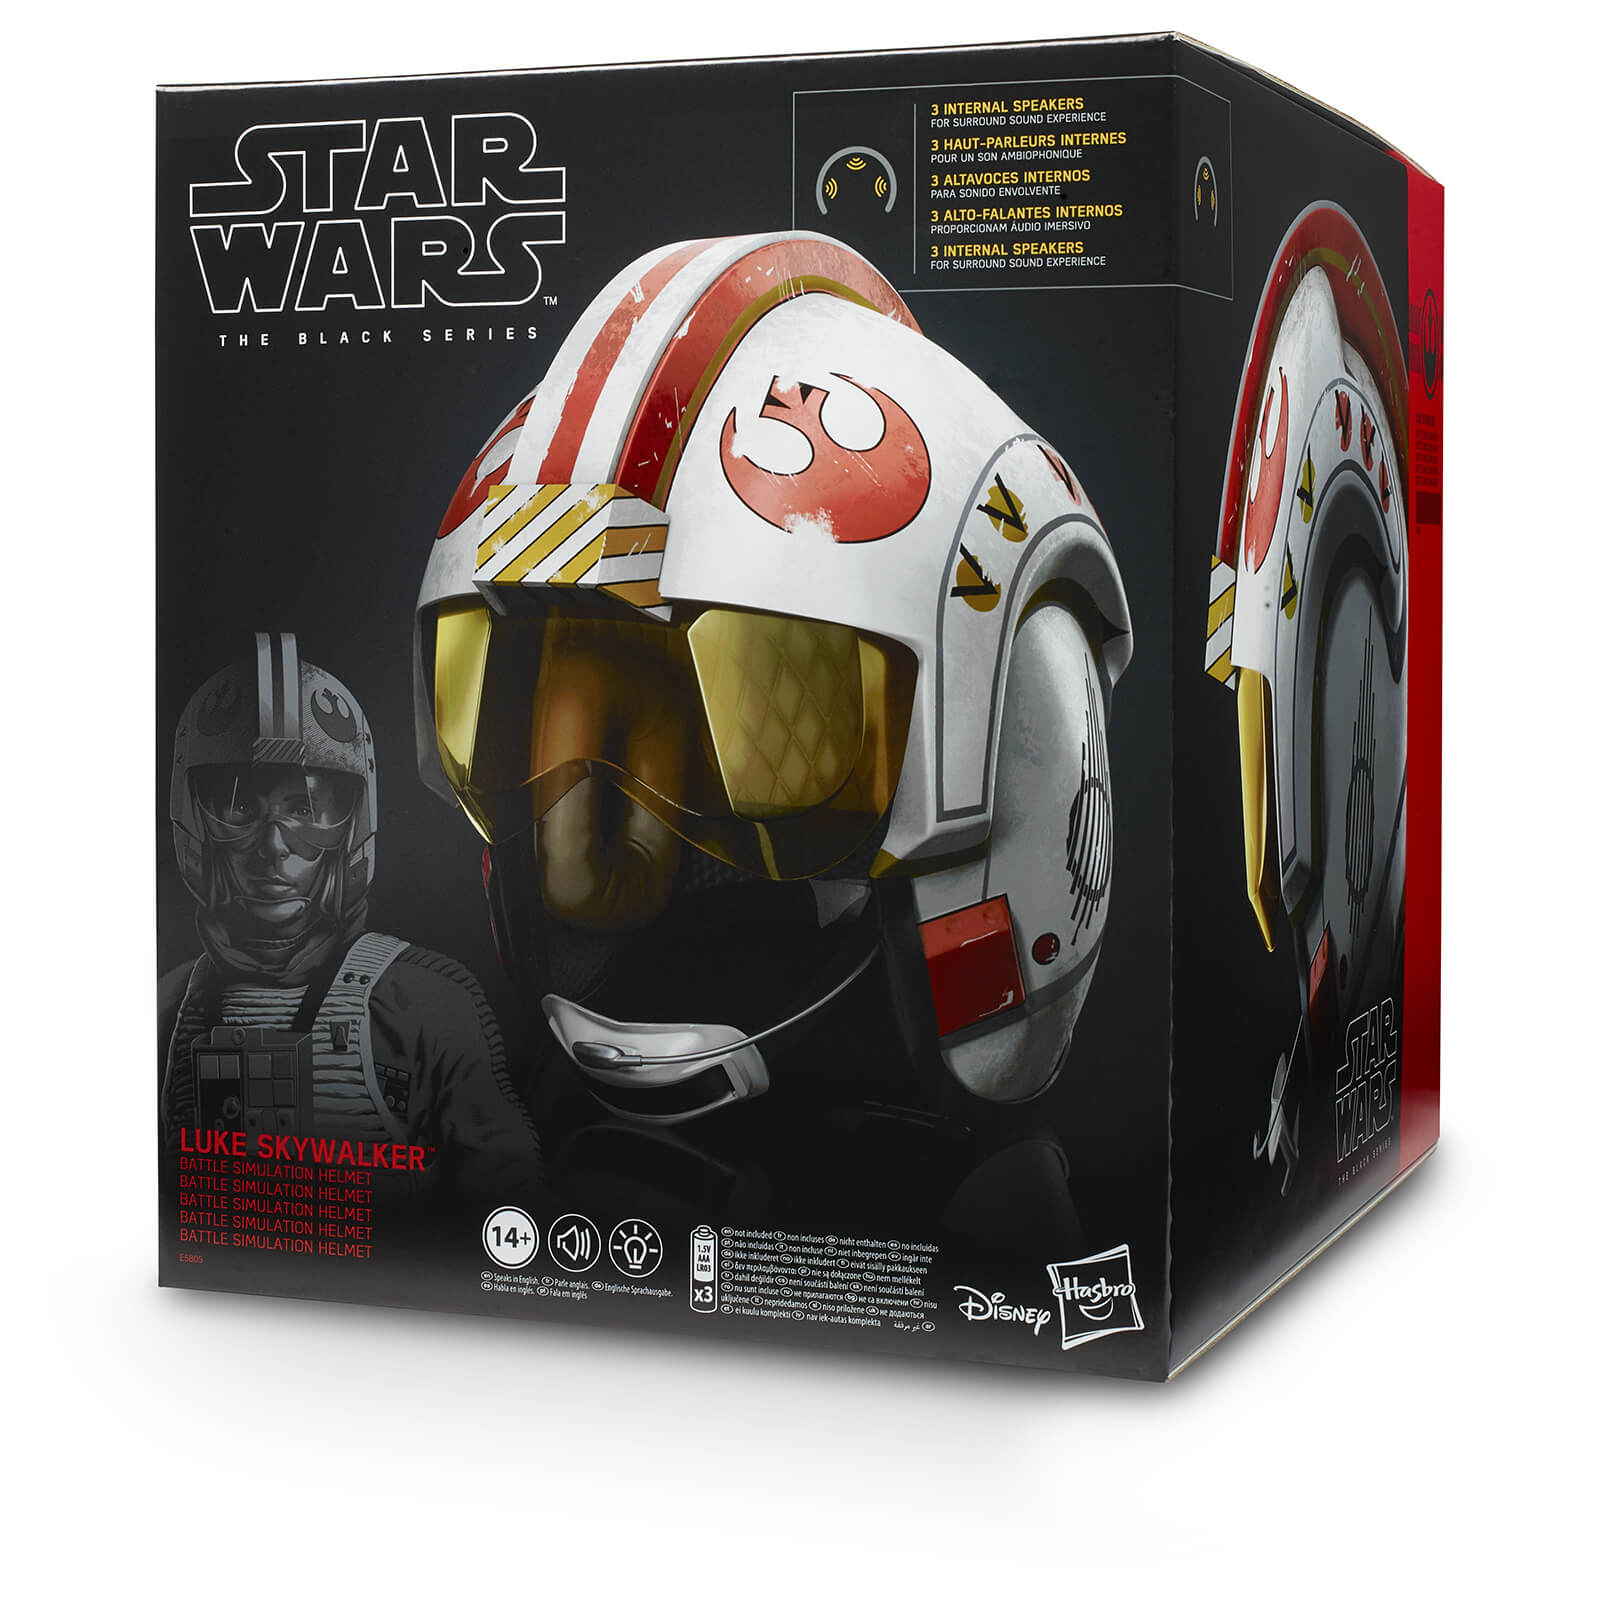 Riproduzione elettronica del casco di Luke Skywalker, simulazione di battaglia, alta qualità, Star Wars Black Series